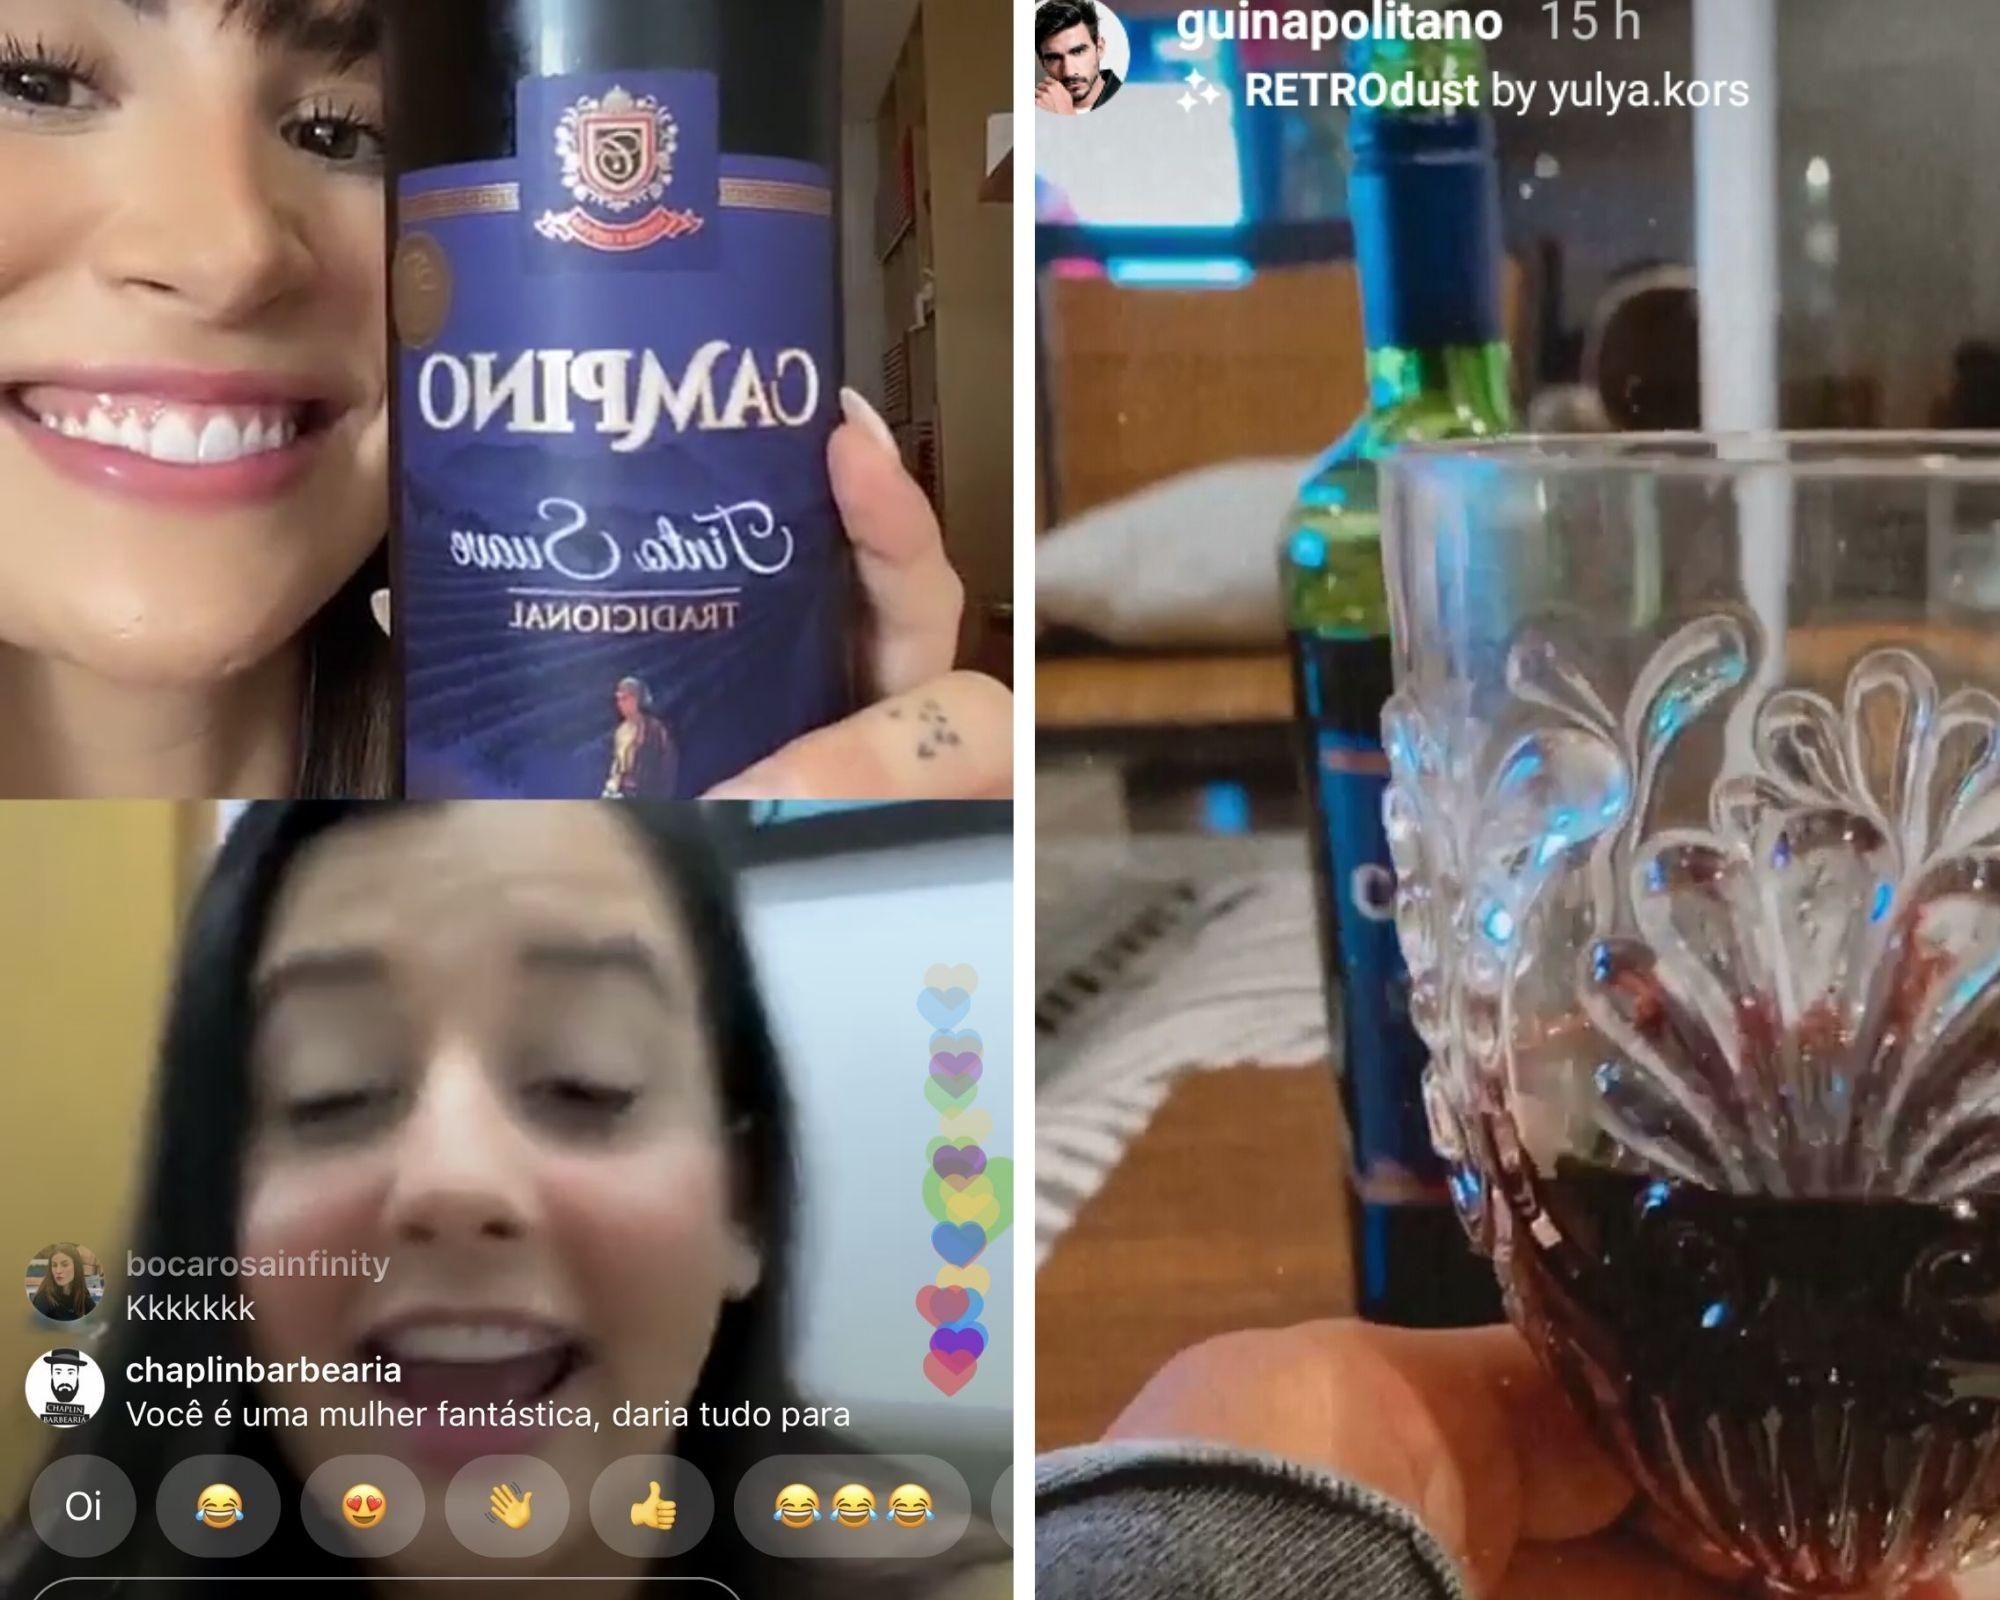 Bianca Andrade mostra vinho durante live e Gui surge bebendo a mesma marca (Foto: Reprodução/Instagram)